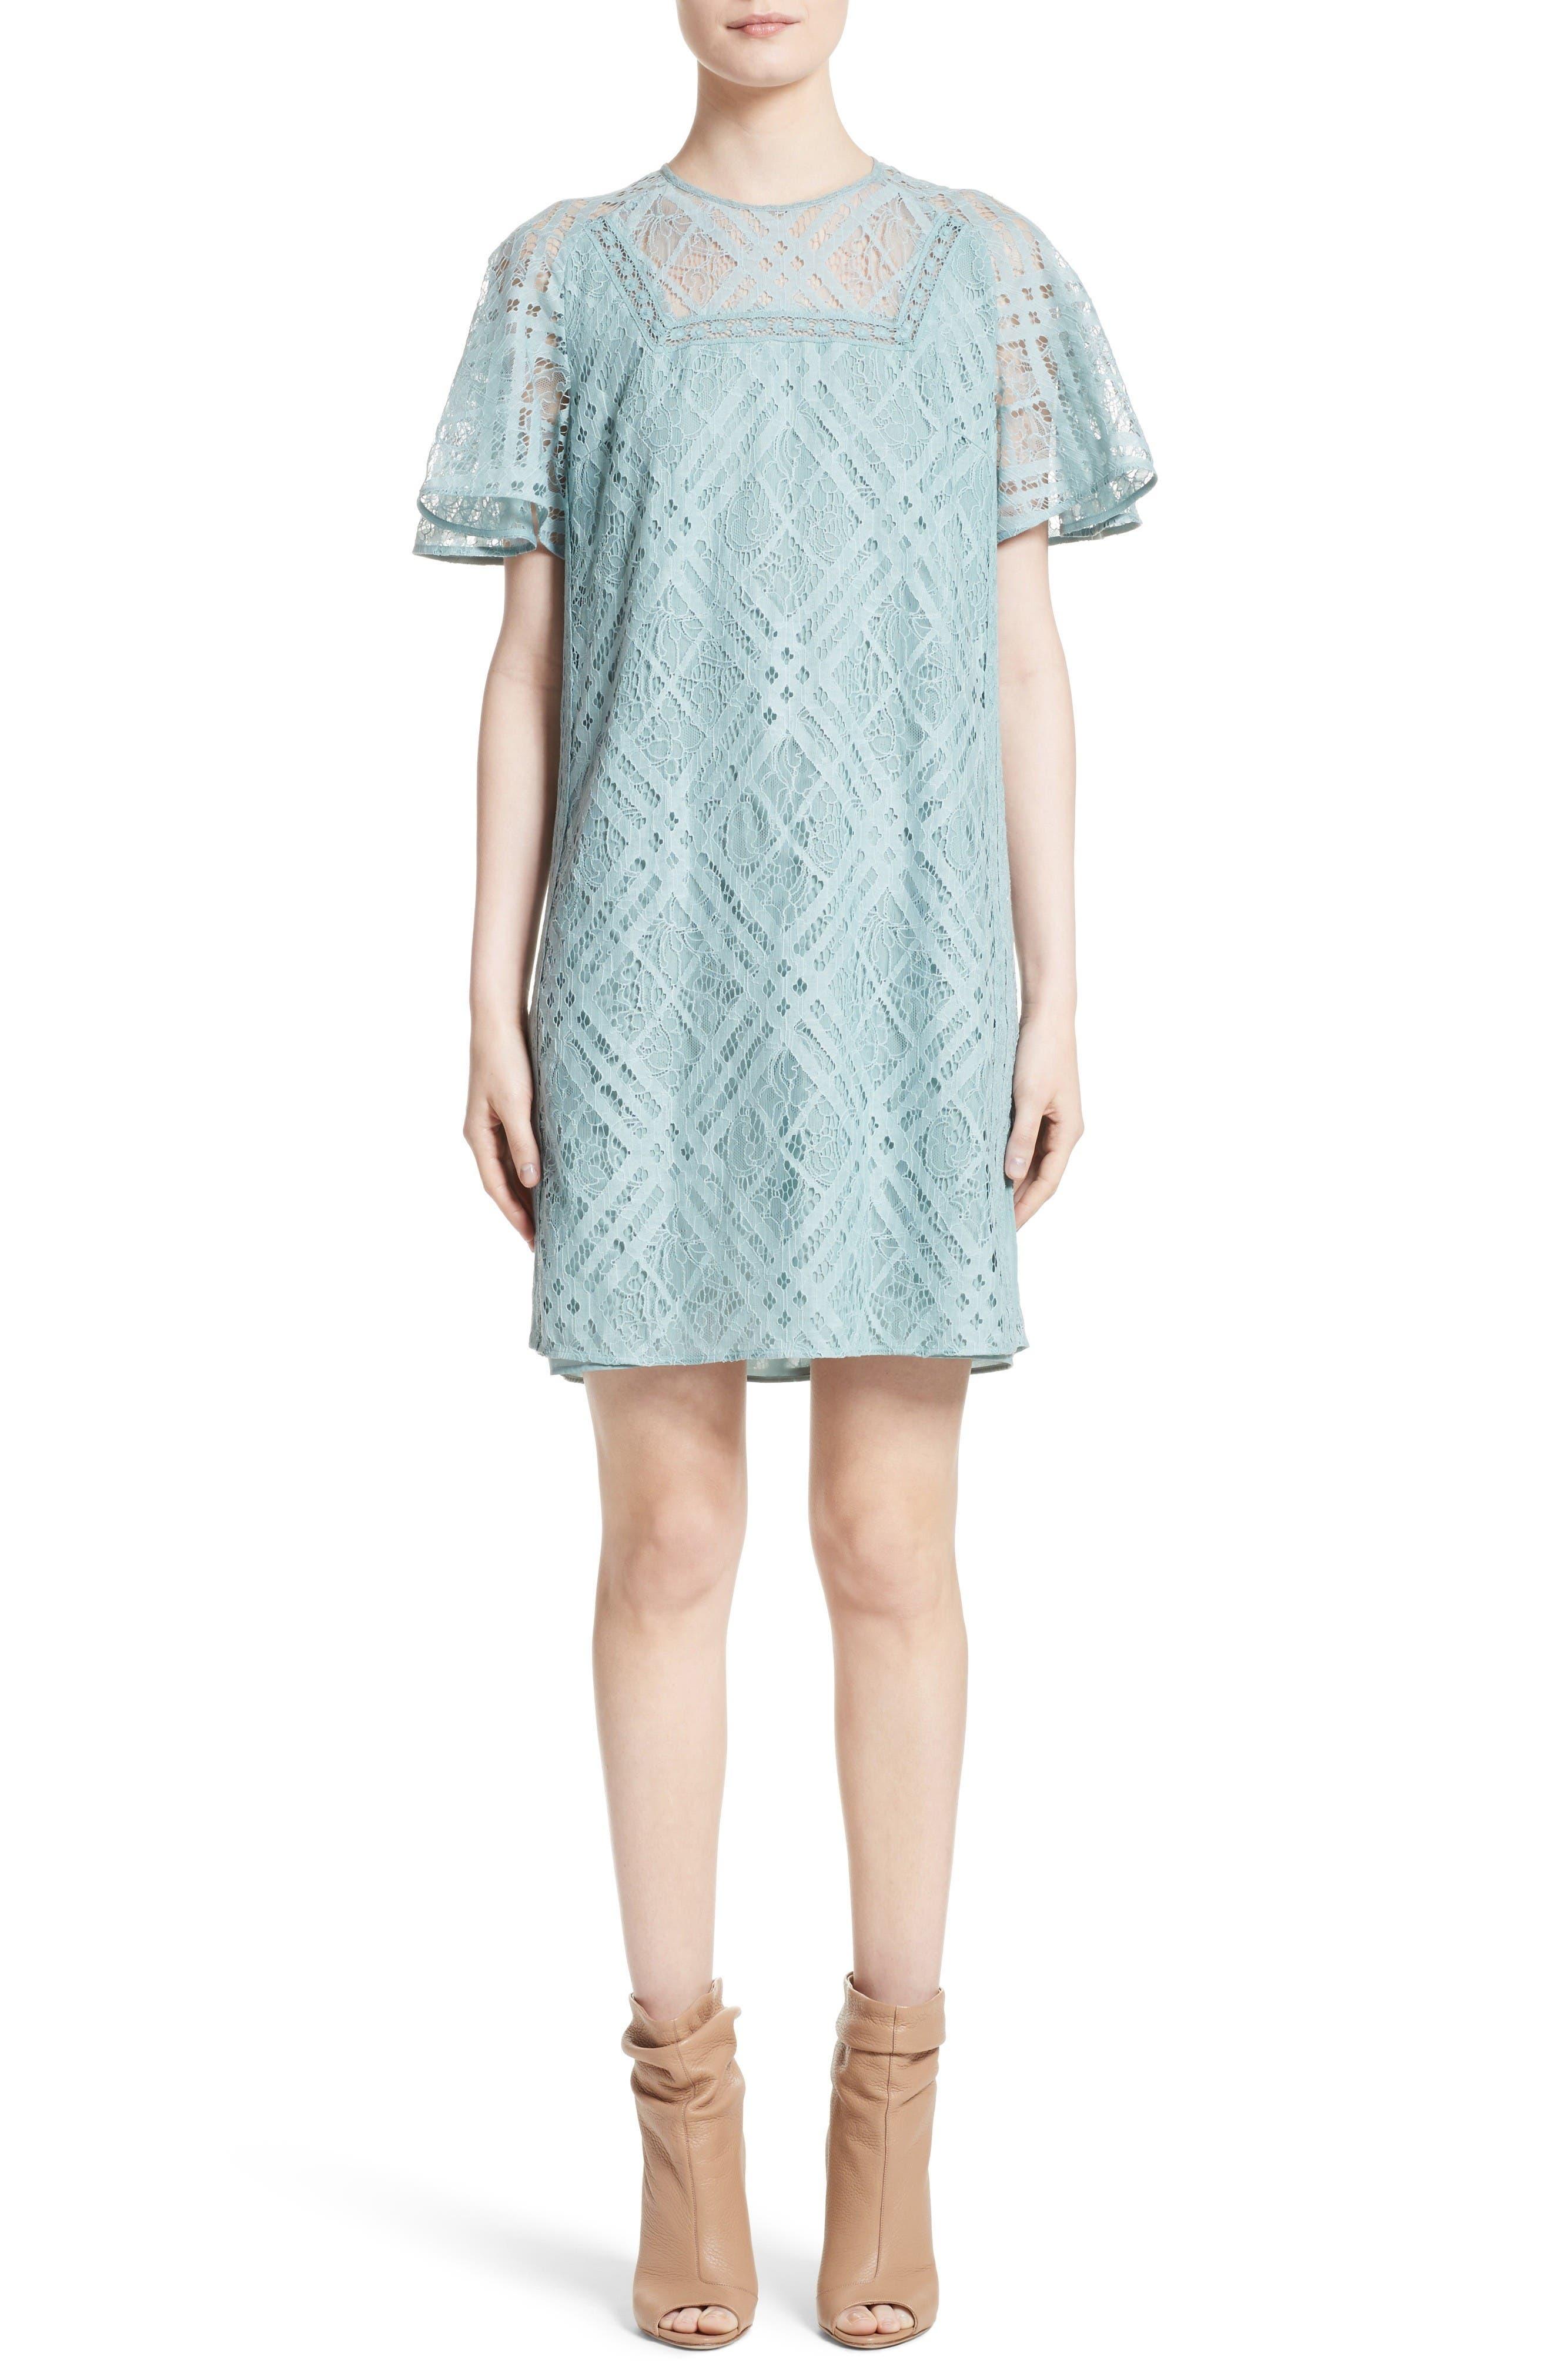 Burberry Keri Floral Check Lace Dress